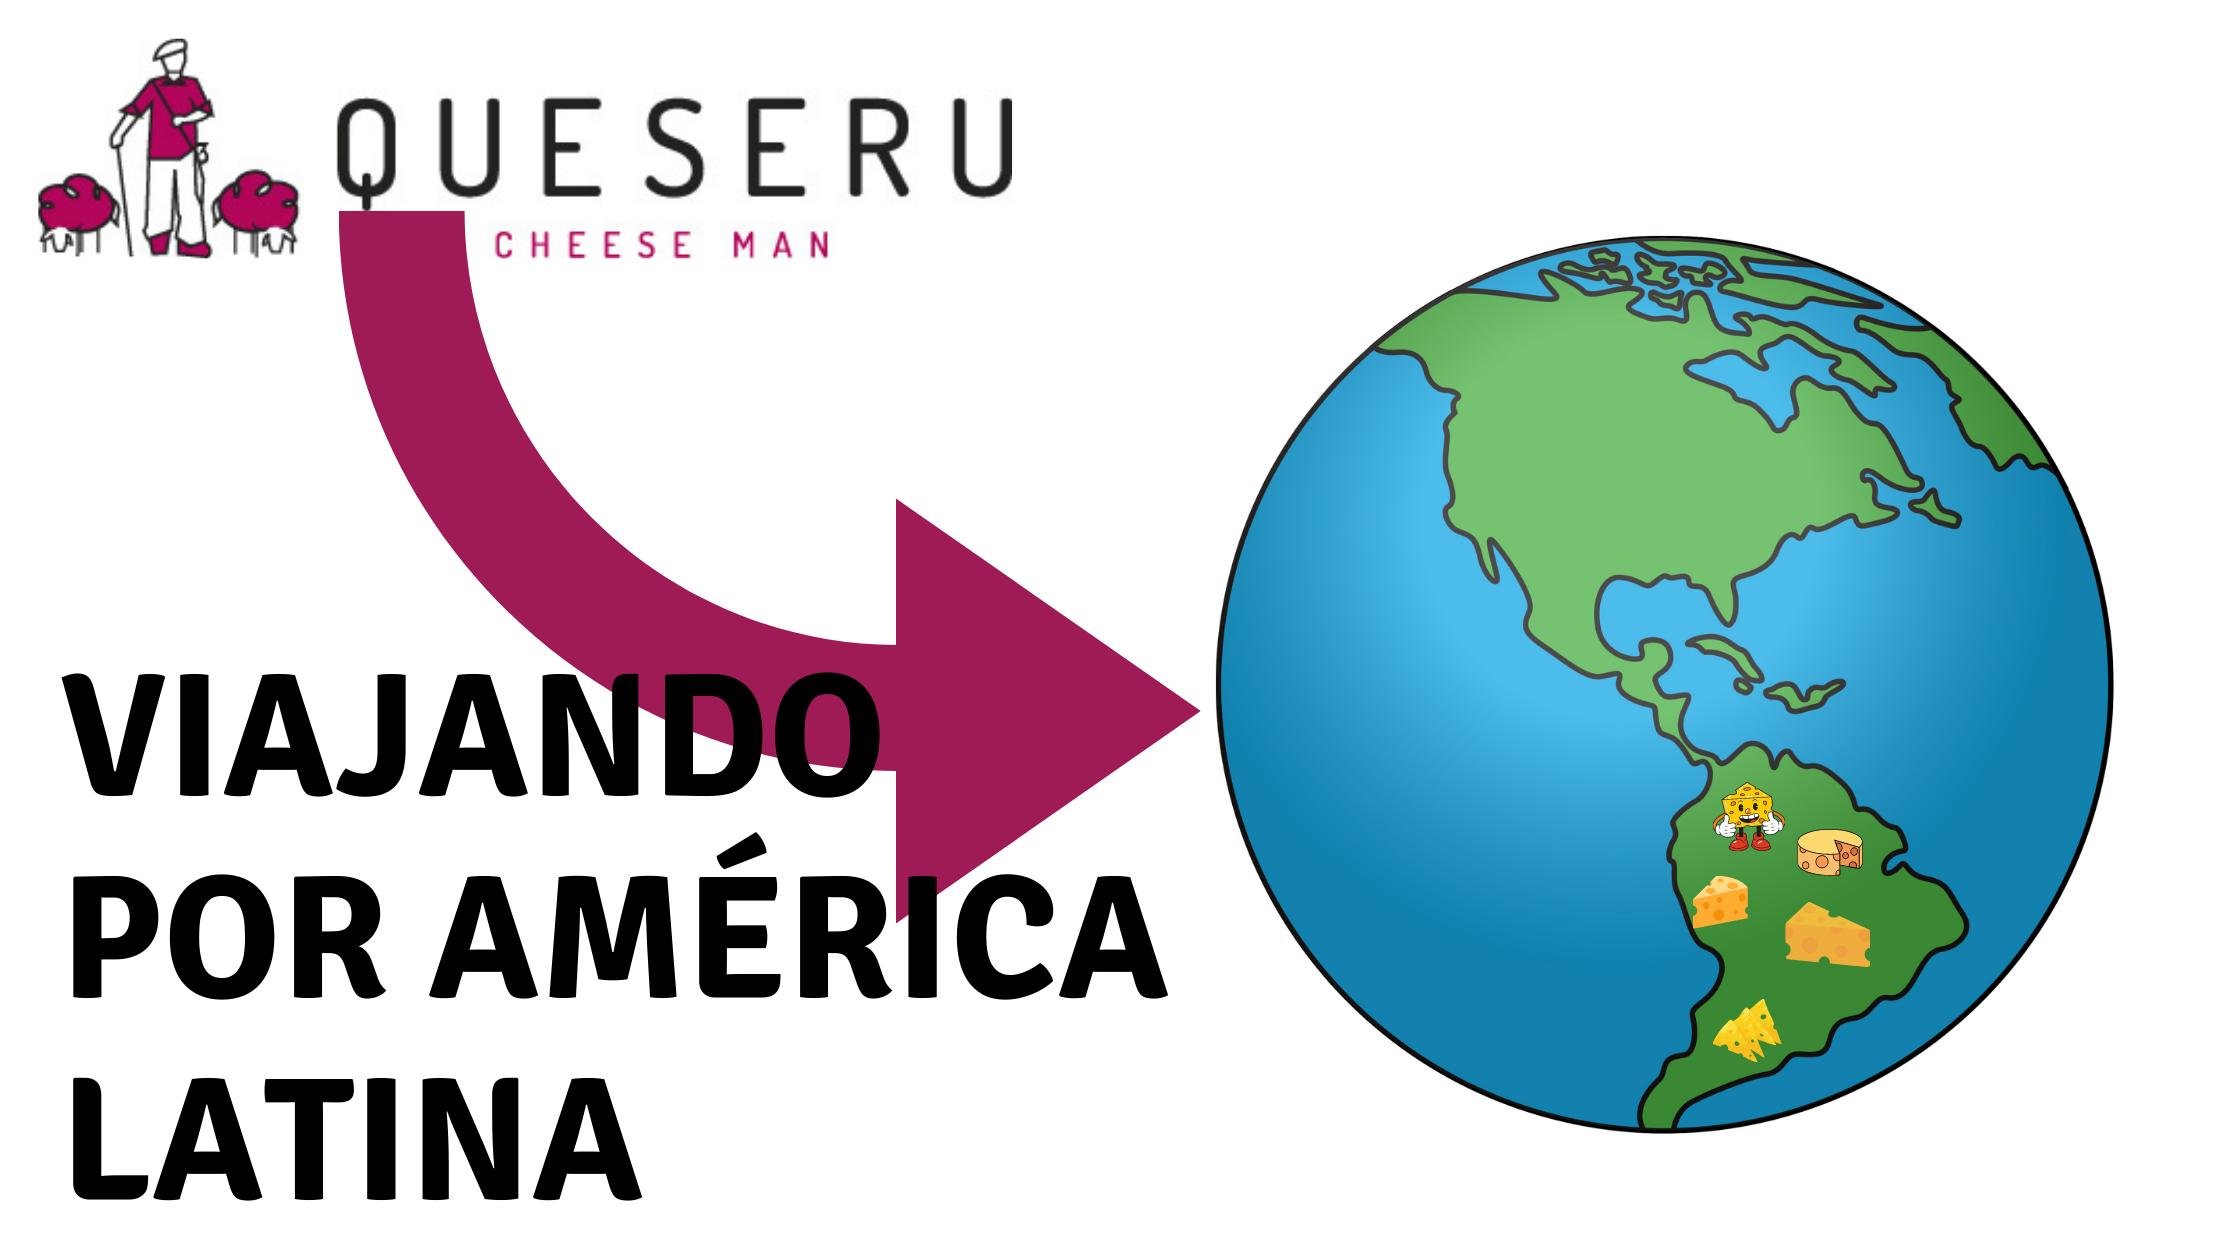 viajando-latinoamerica-america-latina